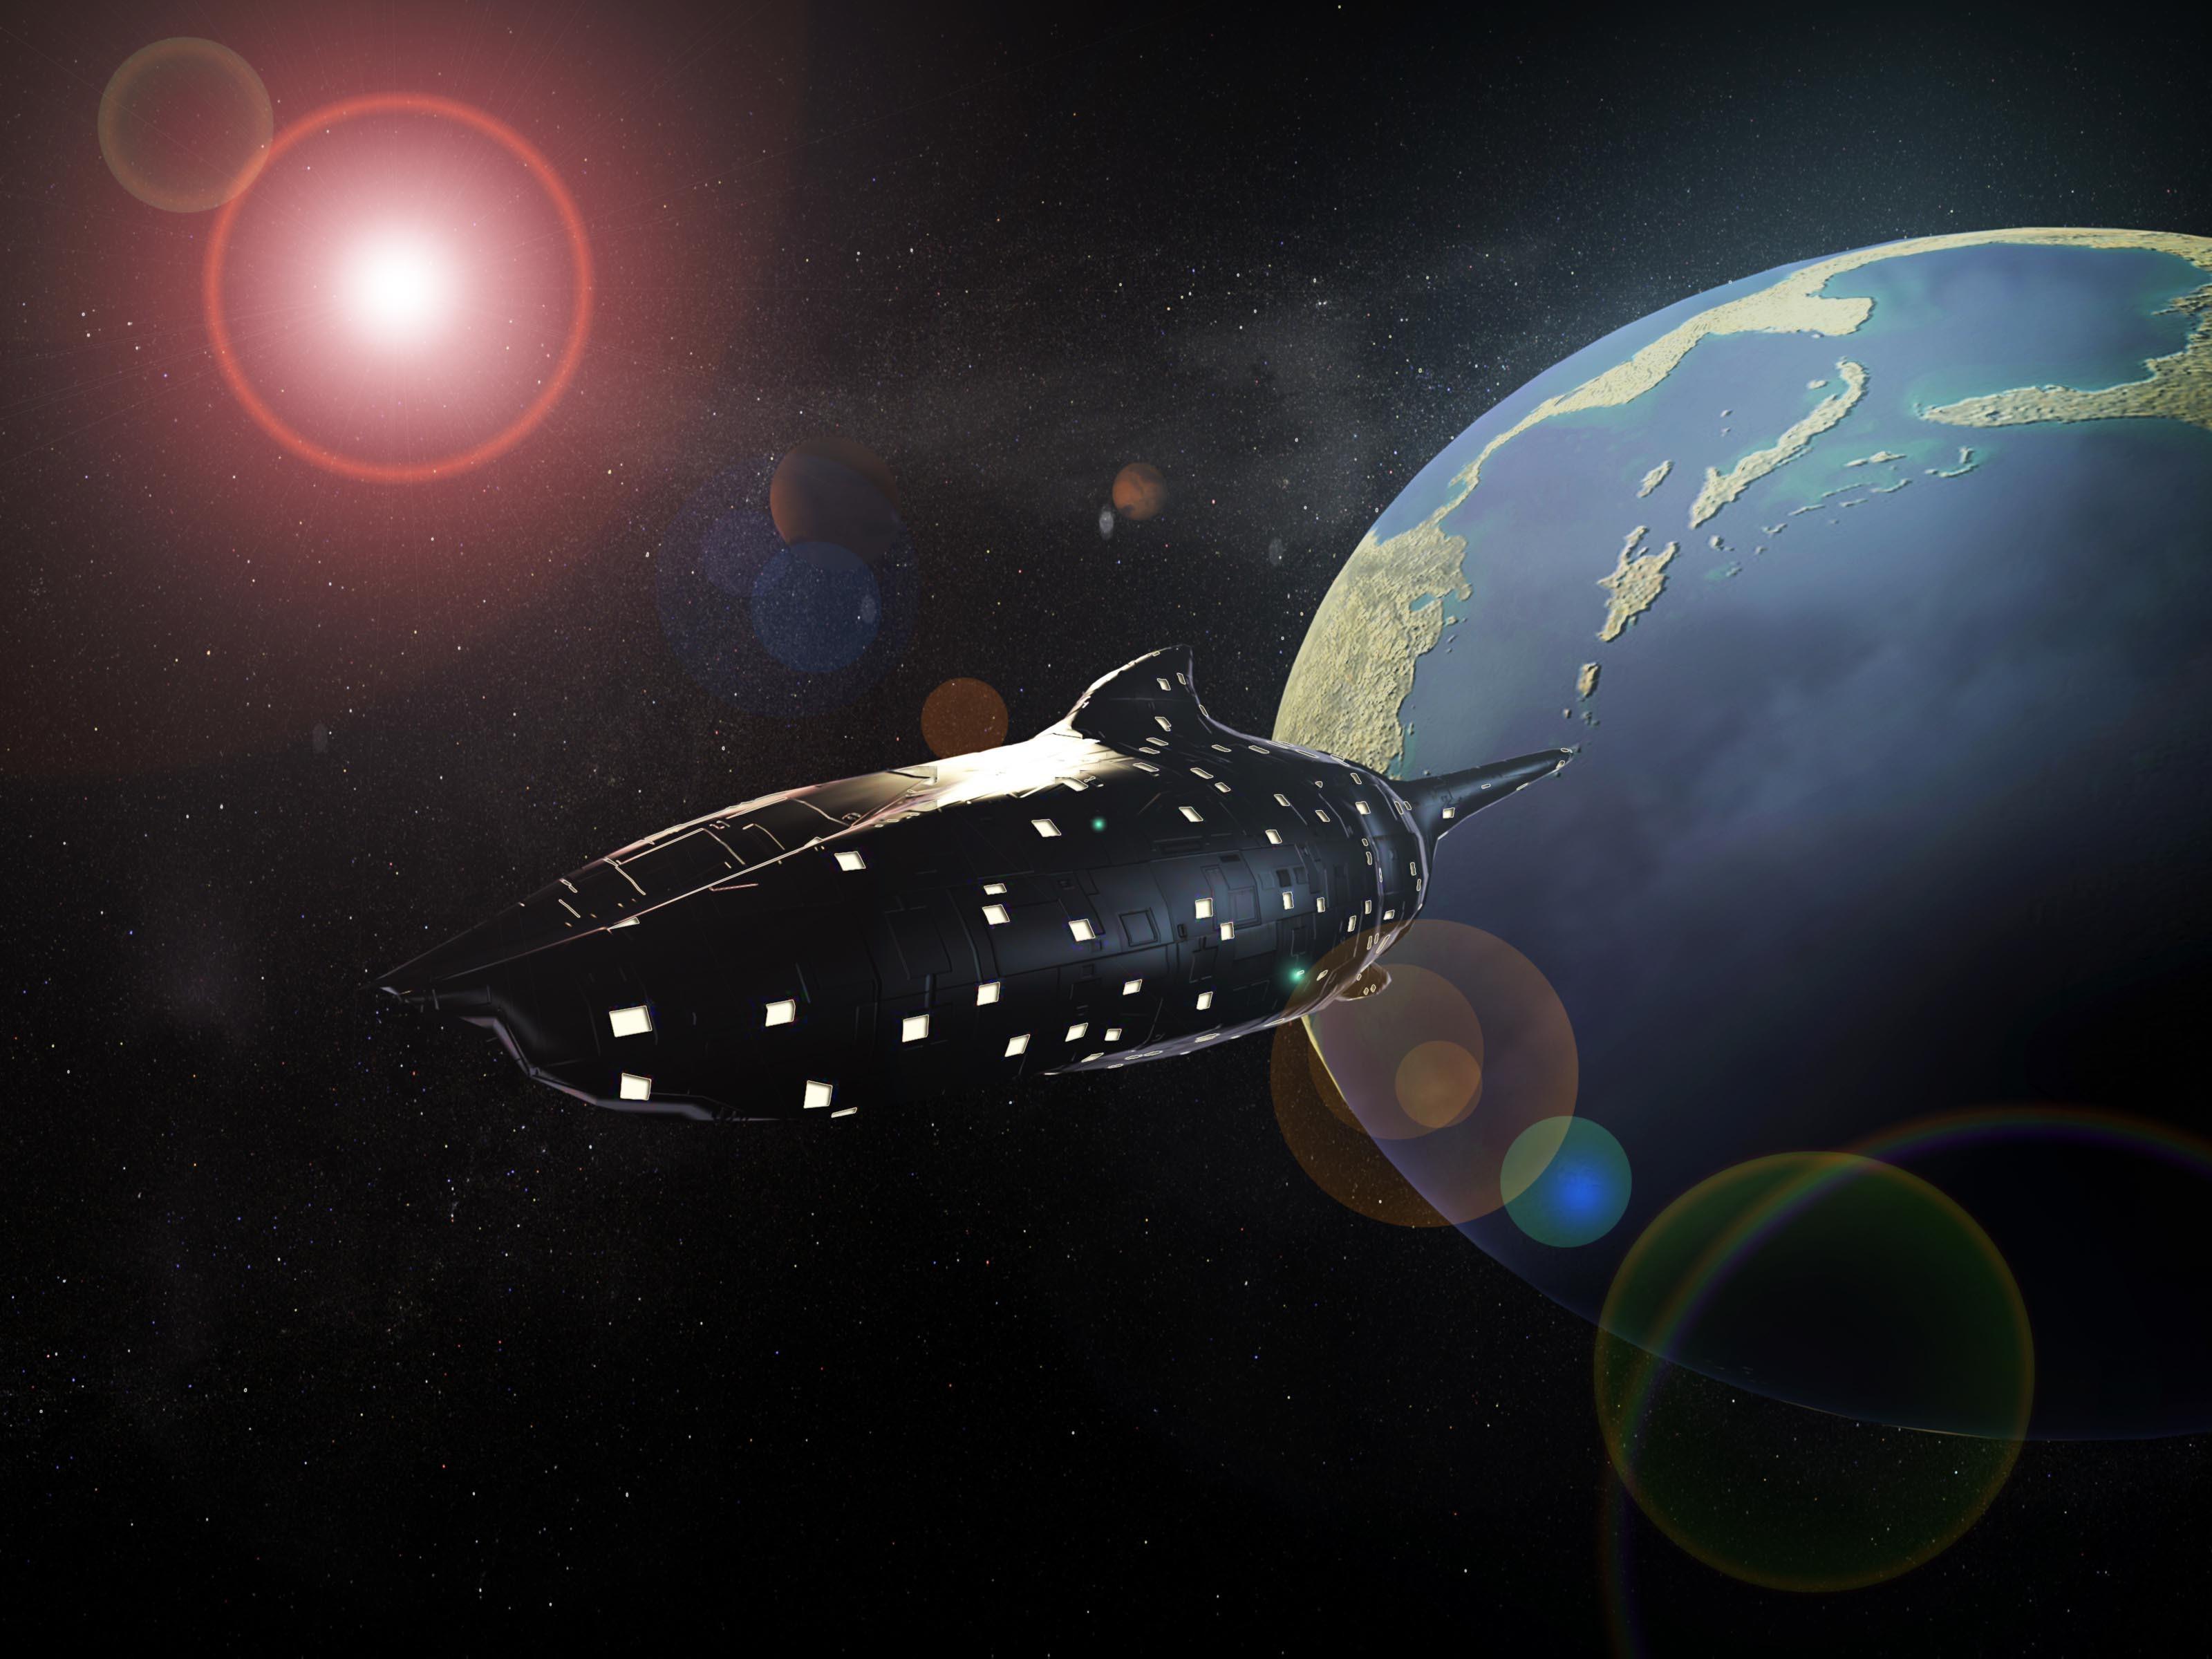 高清太空飞船背景素材